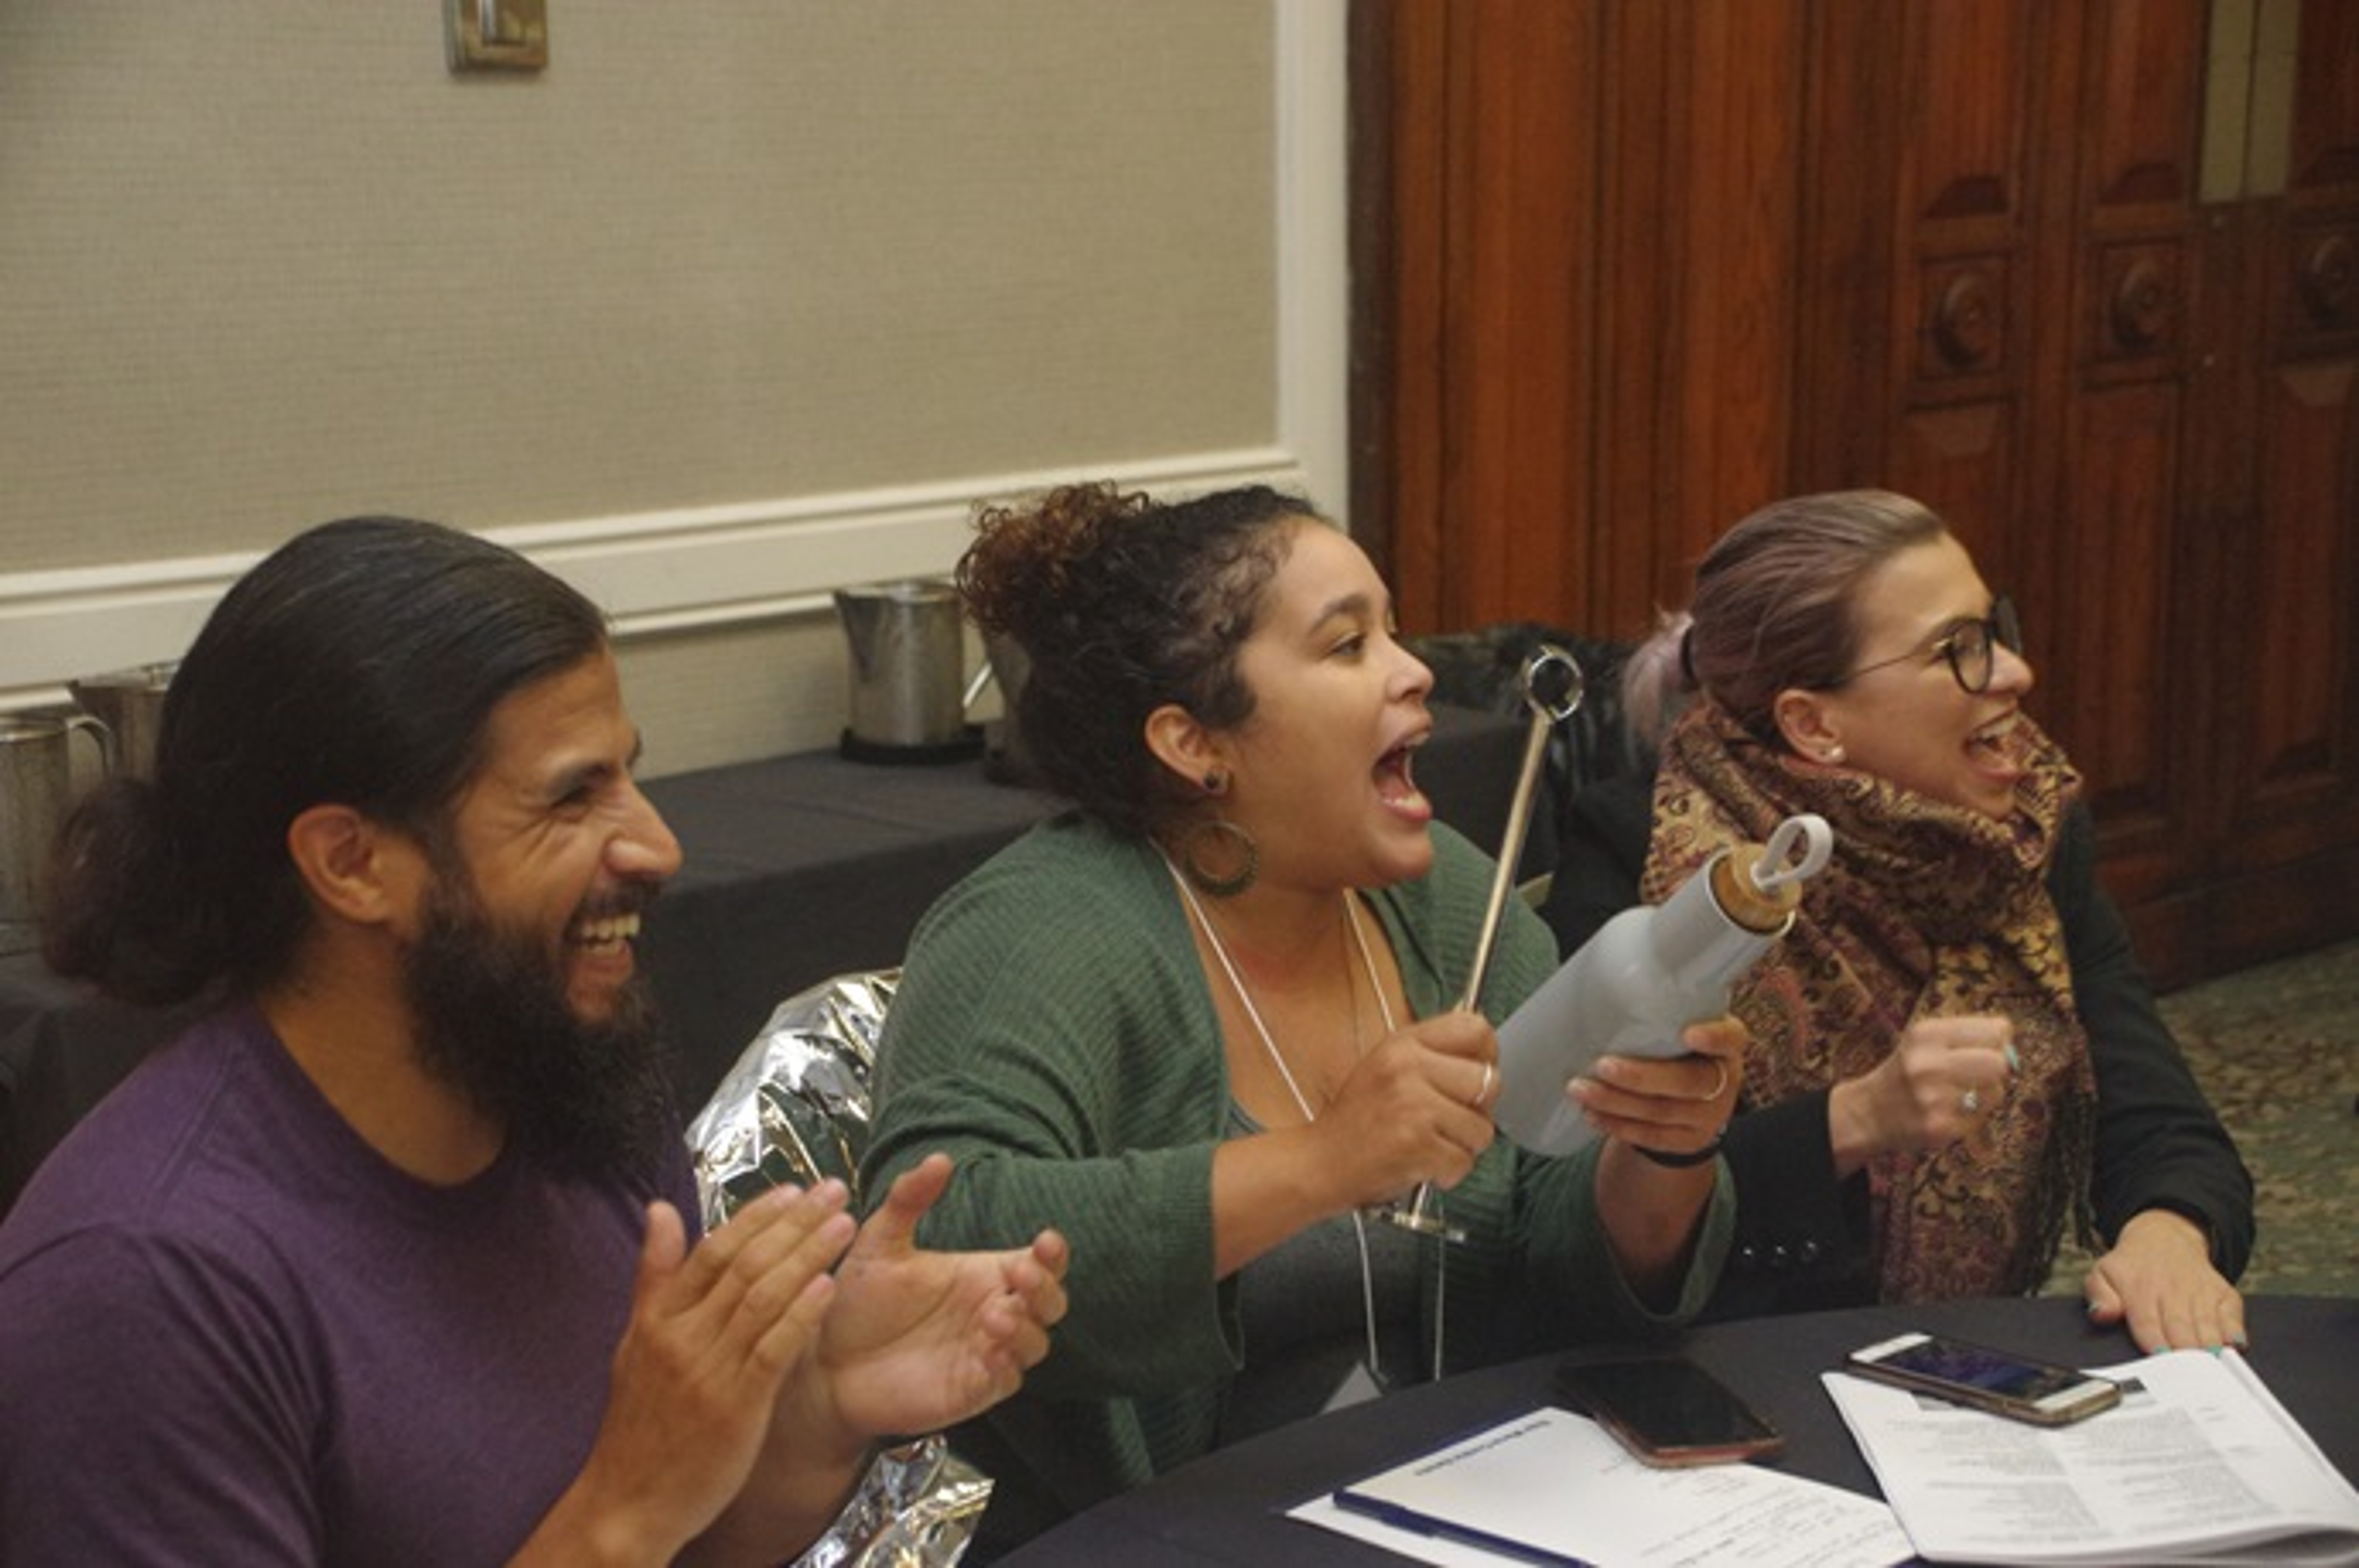 De izquierda a derecha: Carlos Reyes, Dorlimar Lebrón y Emma Escobar, han liderado diferentes actividades dentro de la reunión de la juventud de MARCHA. Foto Rev. Gustavo Vasquez, Noticias MU.